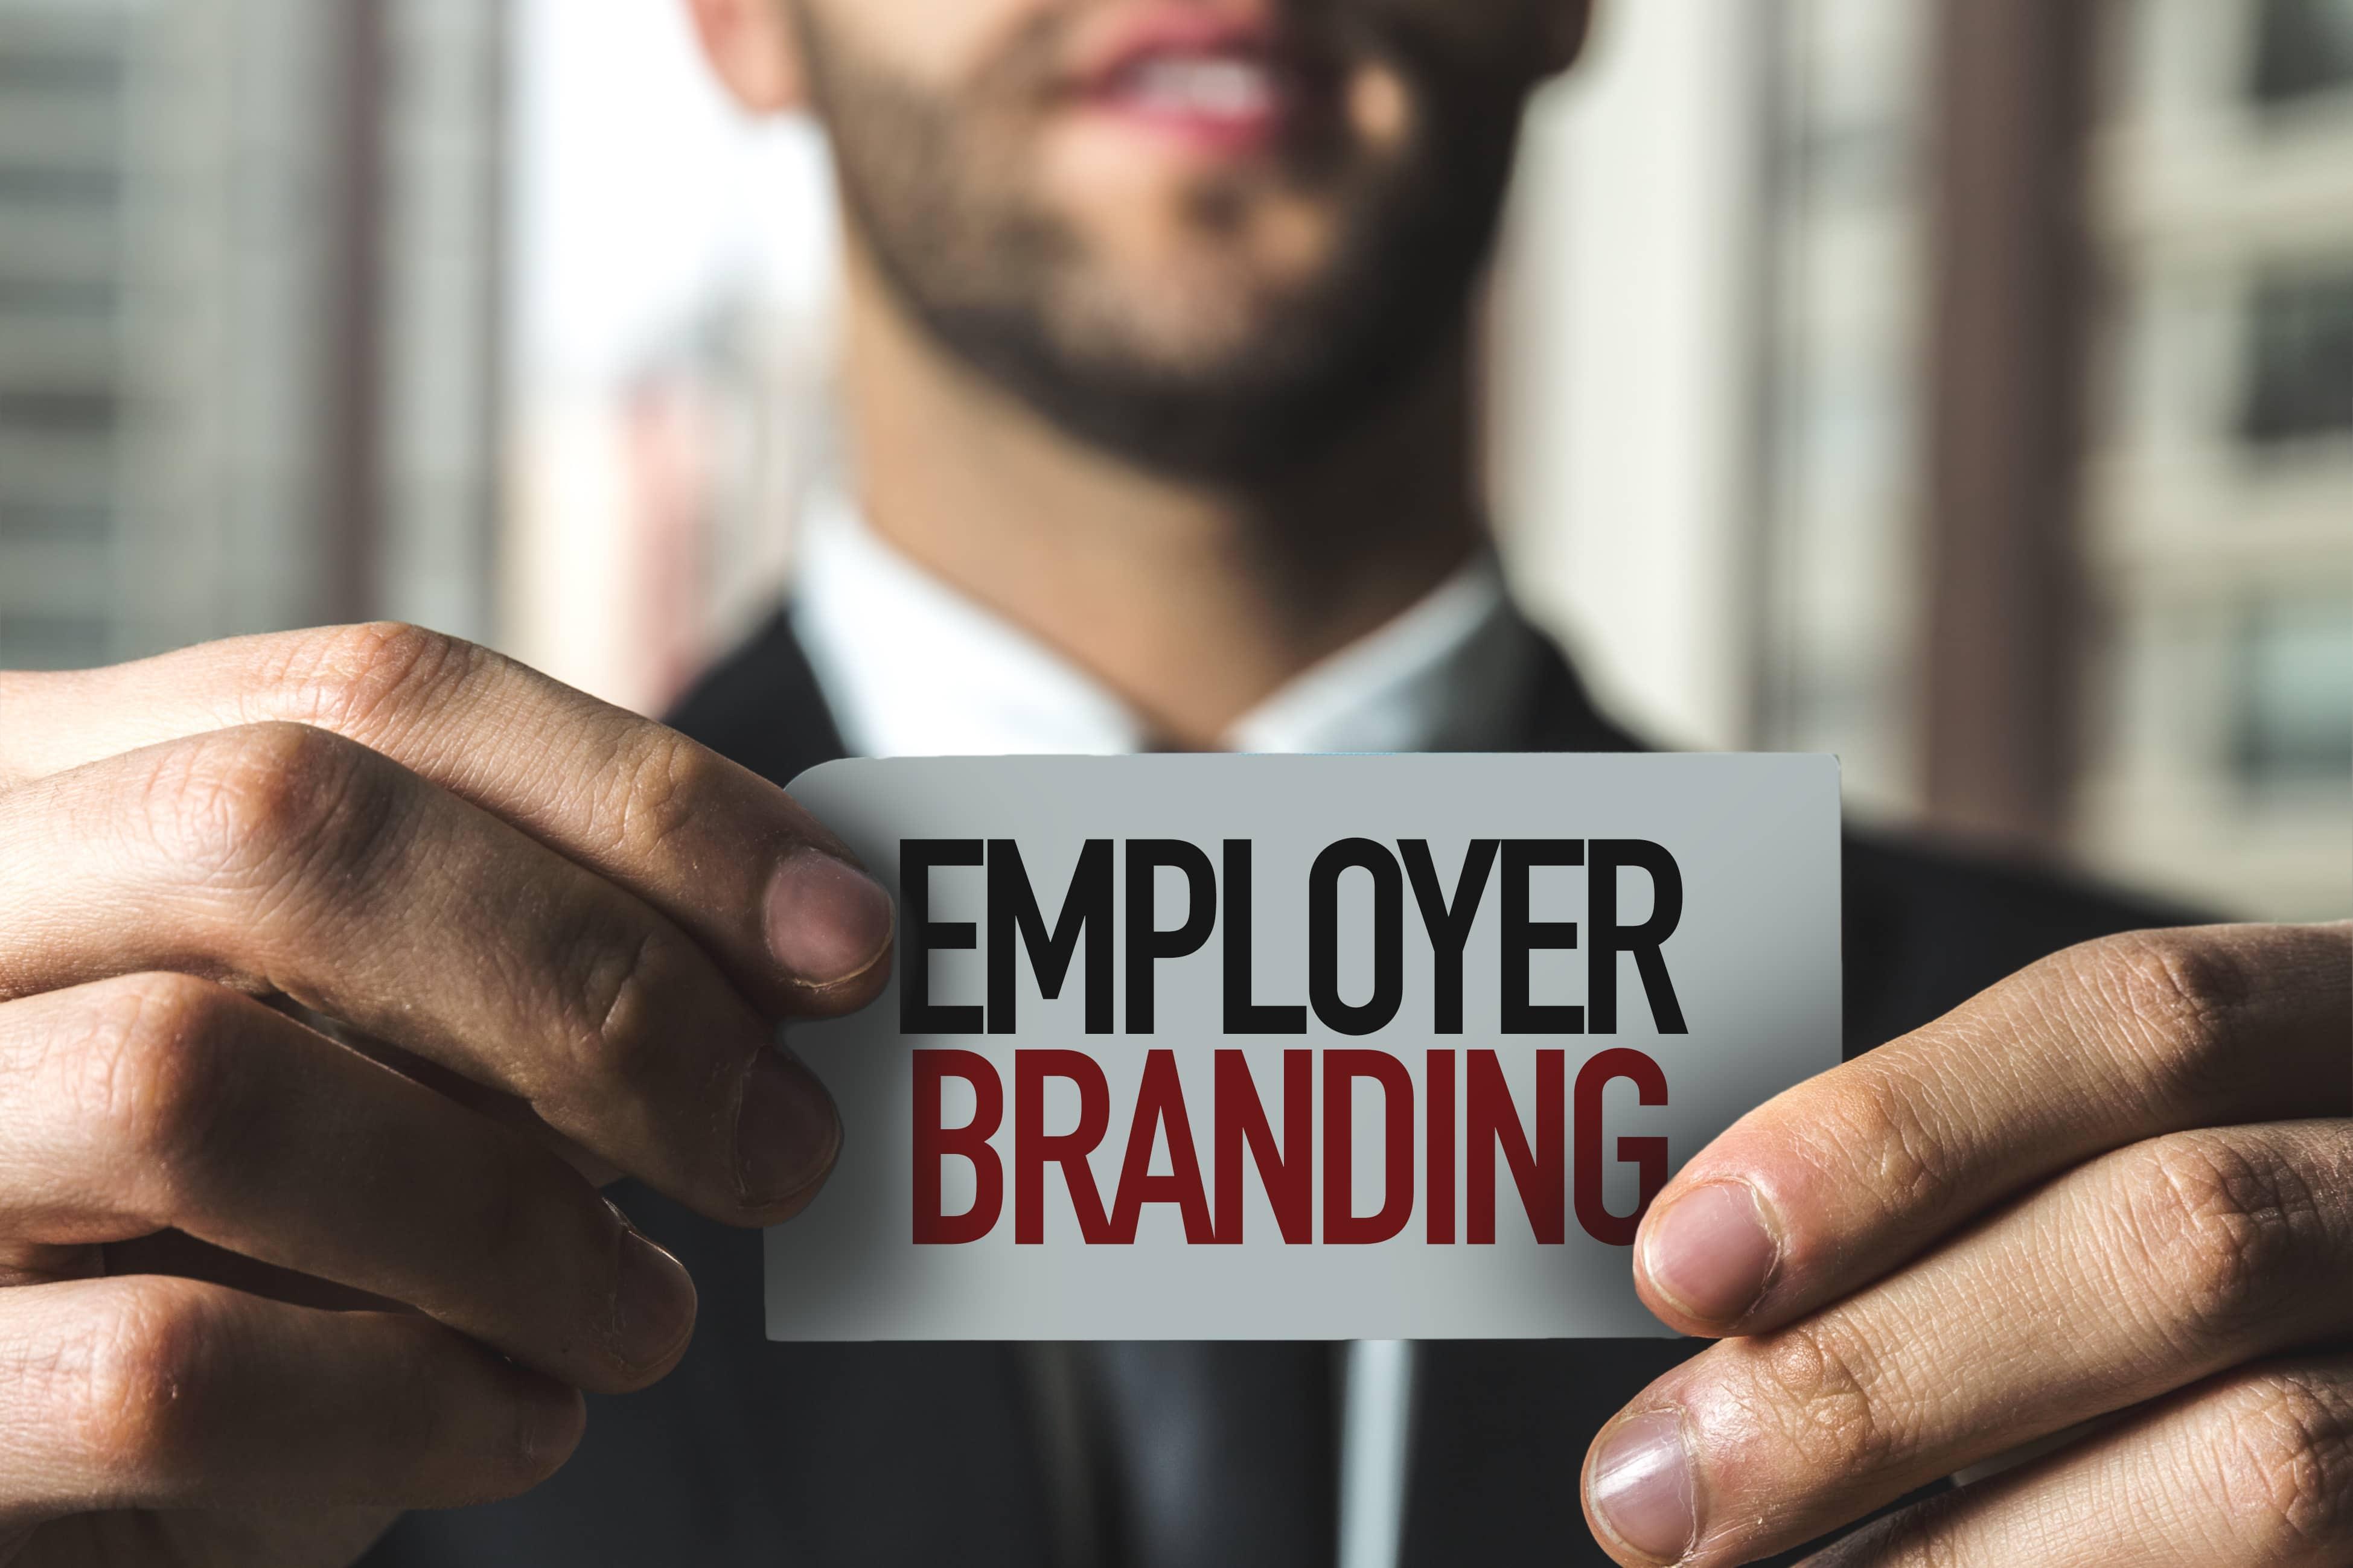 Videos as an Employer Branding Tool